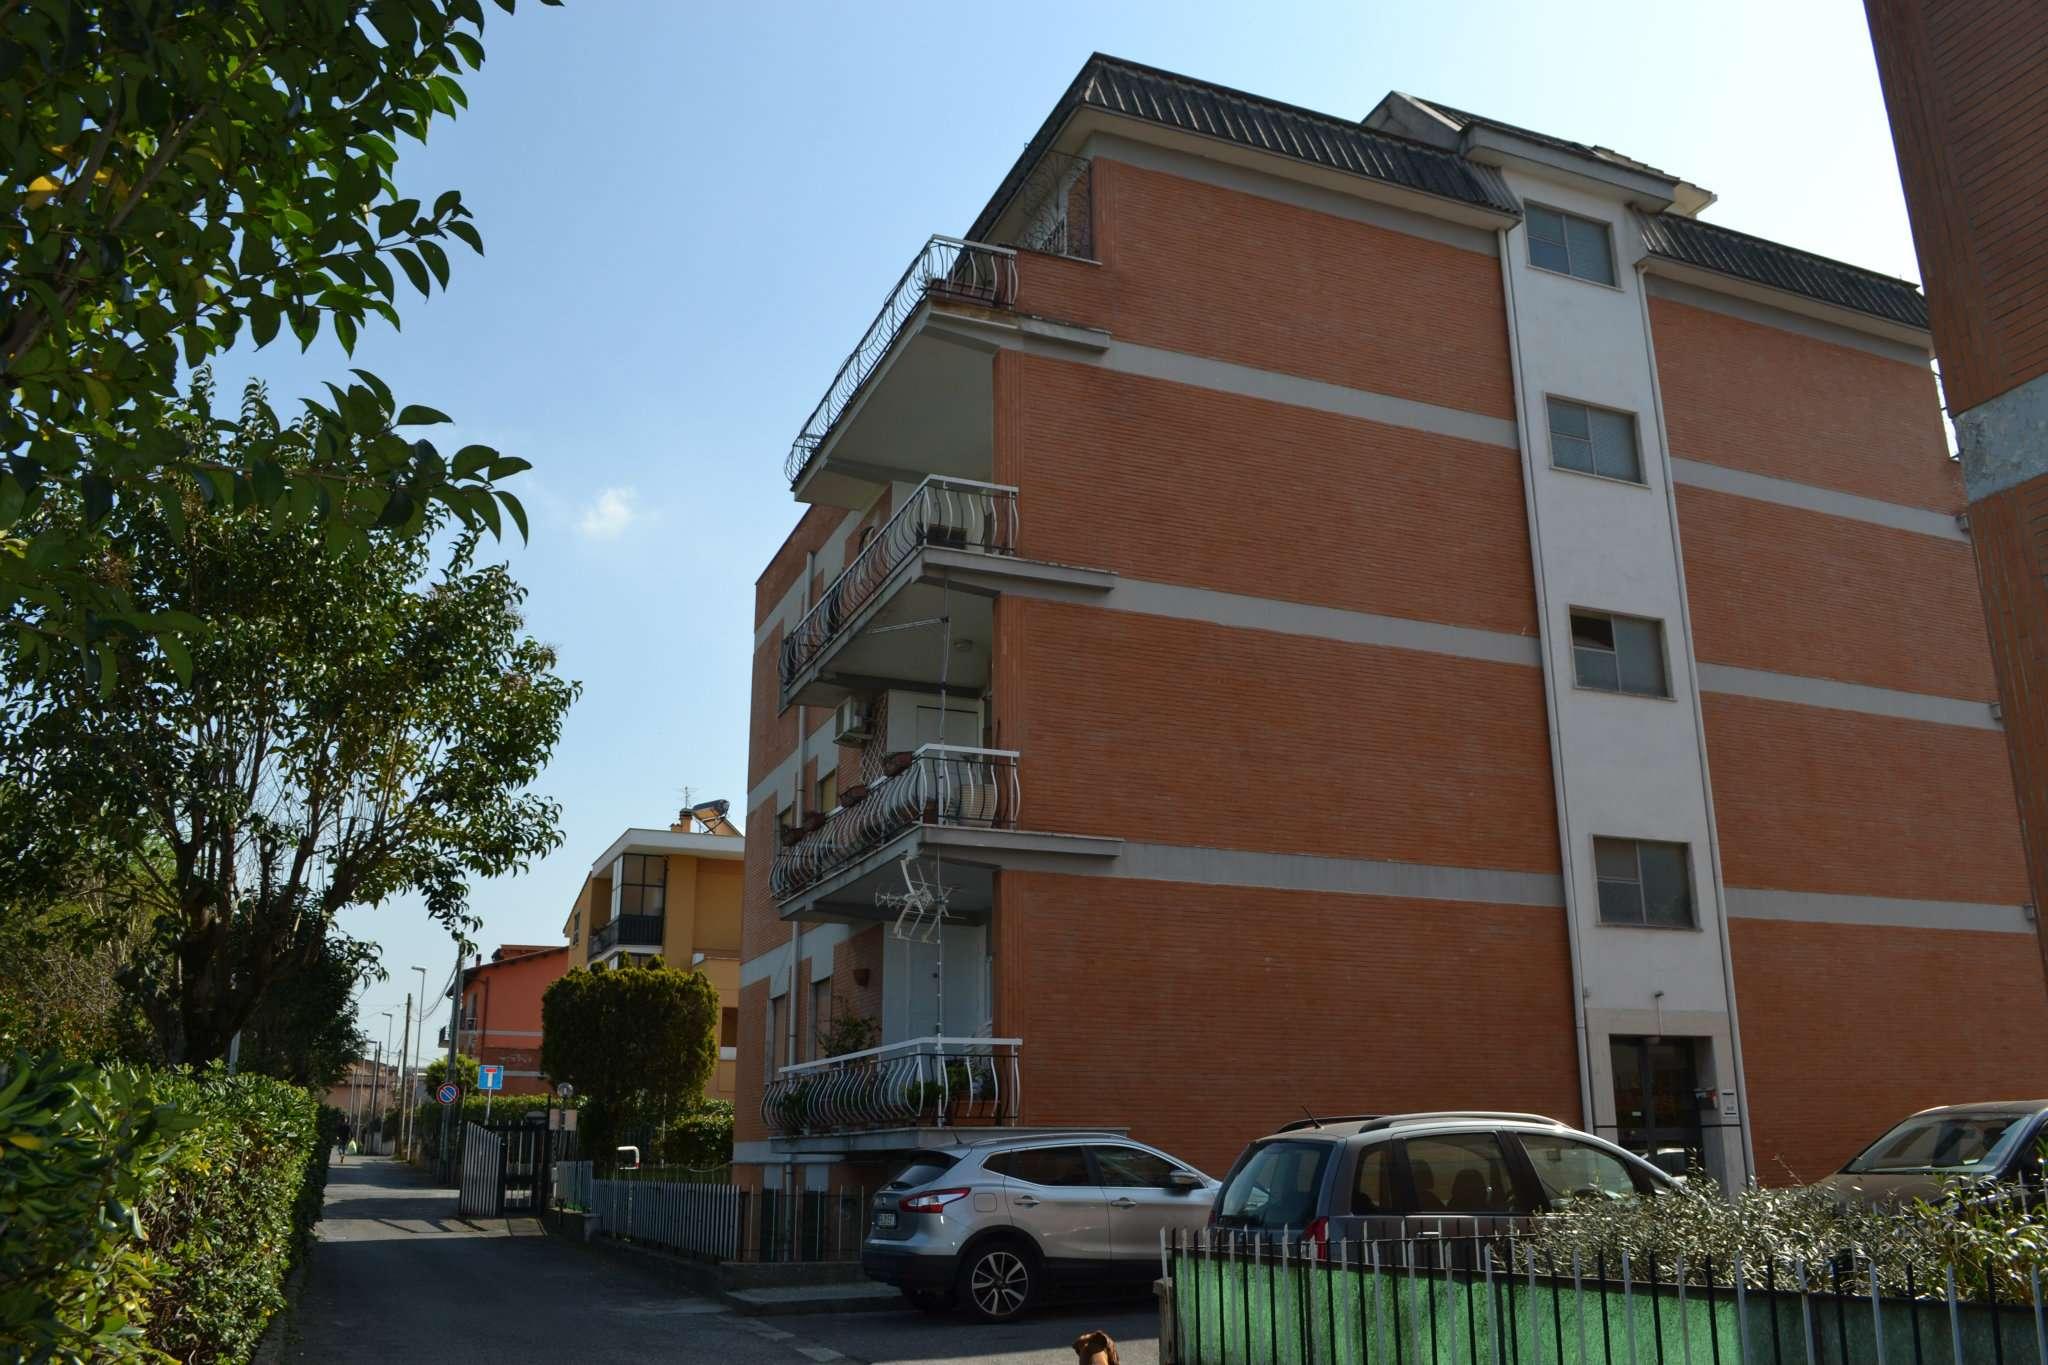 Attico / Mansarda in affitto a Ciampino, 1 locali, prezzo € 650 | Cambio Casa.it